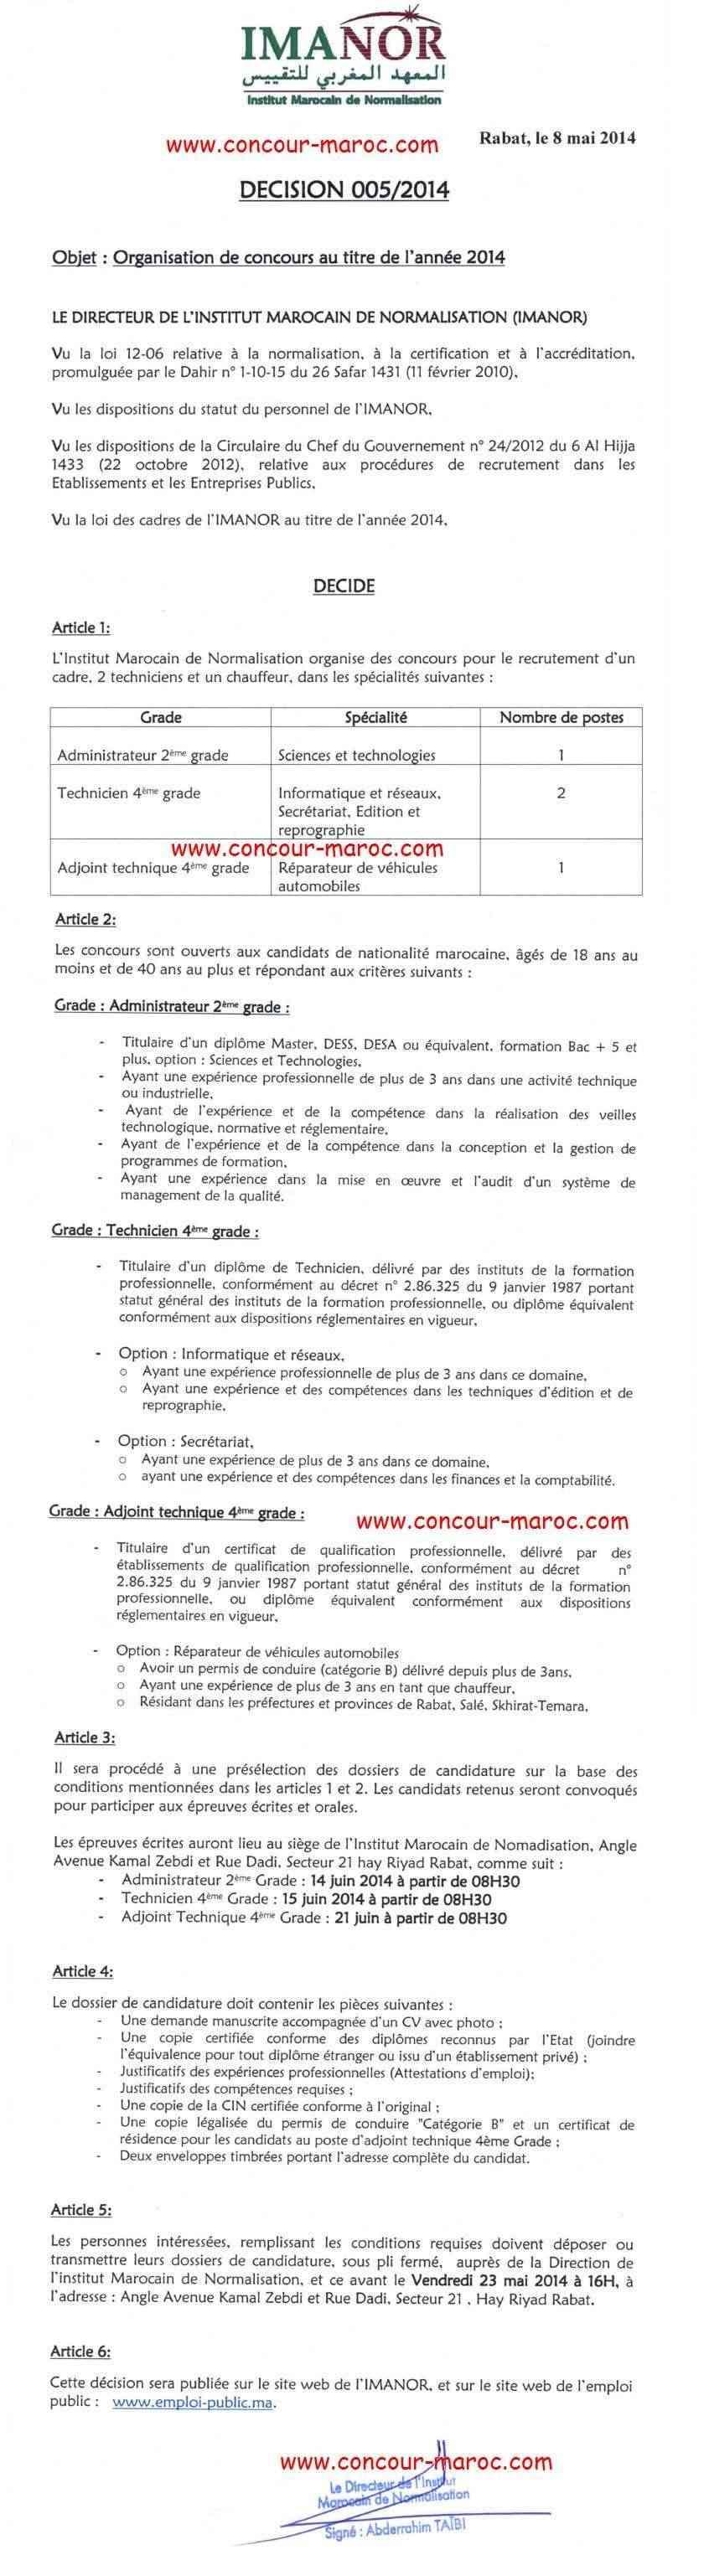 المعهد المغربي للتقييس : مباراة لتوظيف متصرف من الدرجة الثانية (1 منصب) و تقني من الدرجة الرابعة (2 منصبان) و مساعد تقني من الدرجة الرابعة (1 منصب) آخر أجل 23 ماي 2014 Conco136